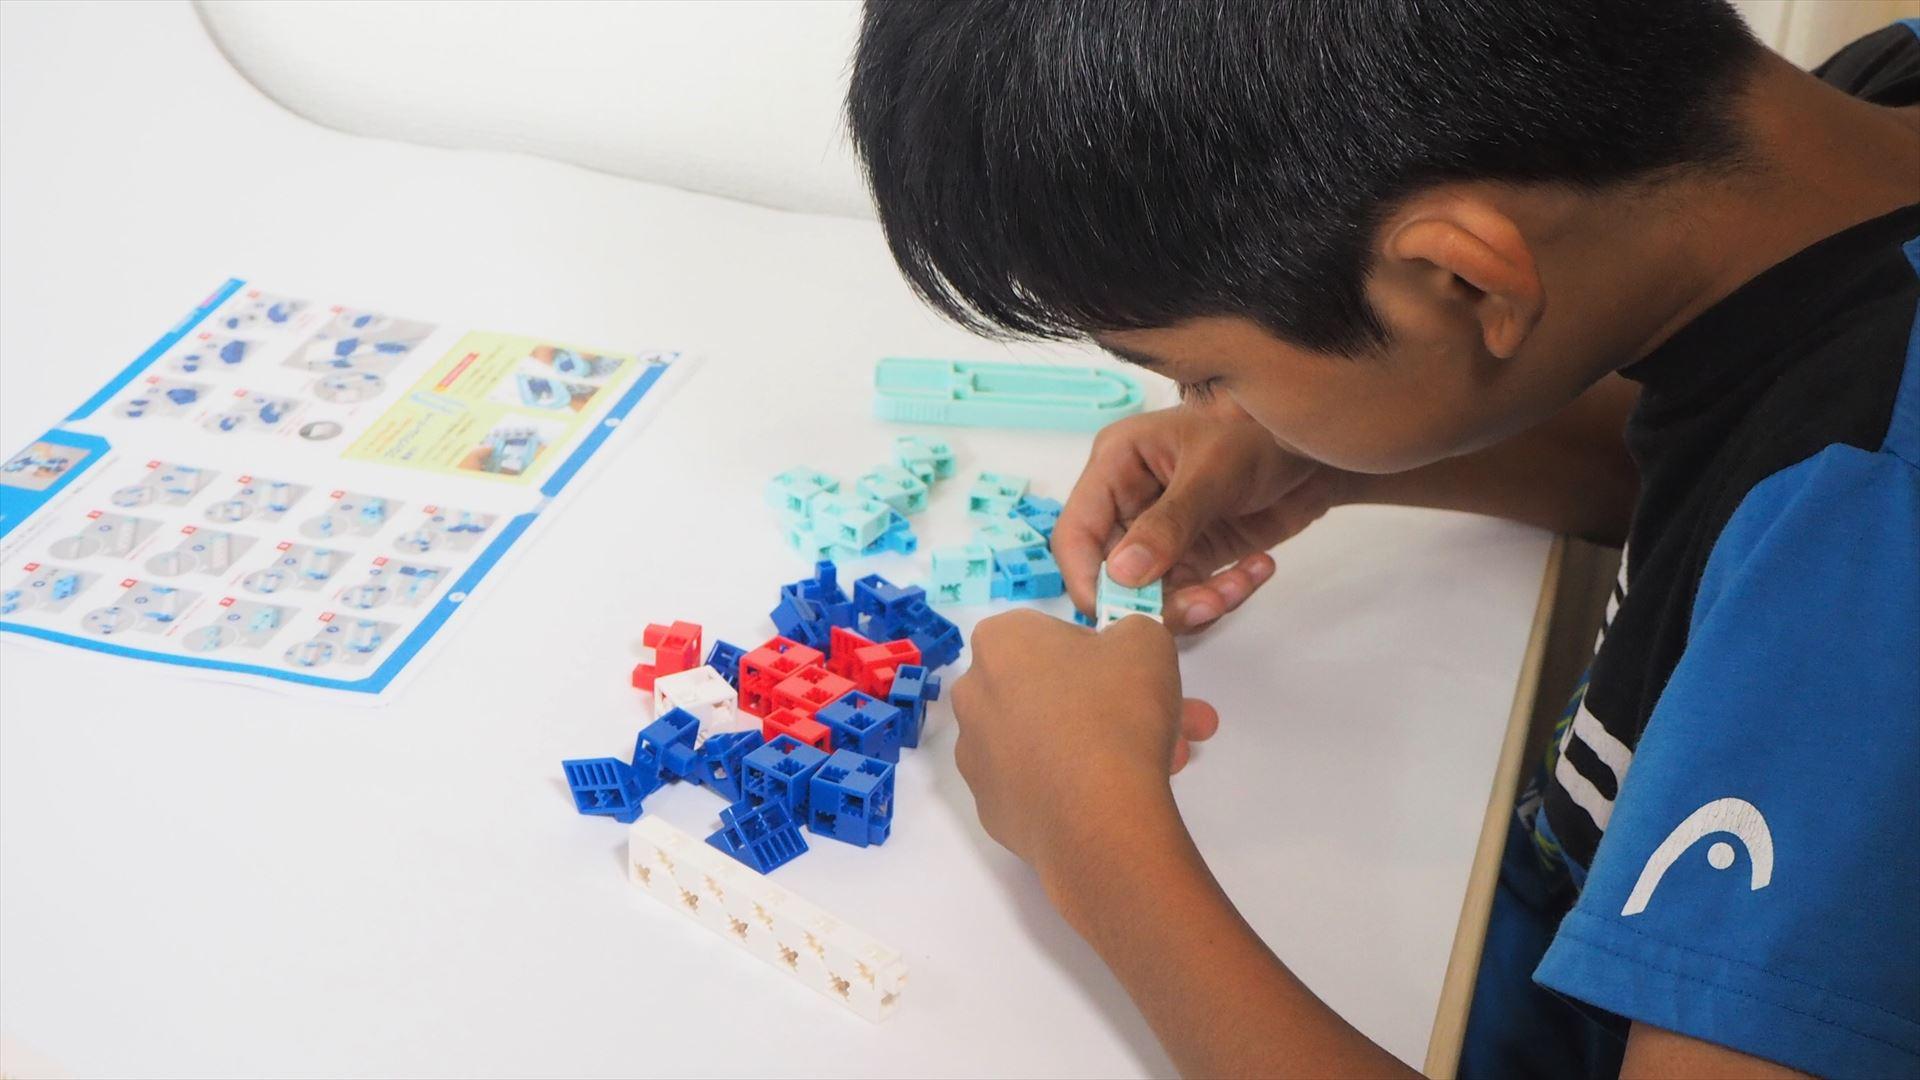 テキストを見ながら、ブロックを組み合わせてロックバスターを組み立てる